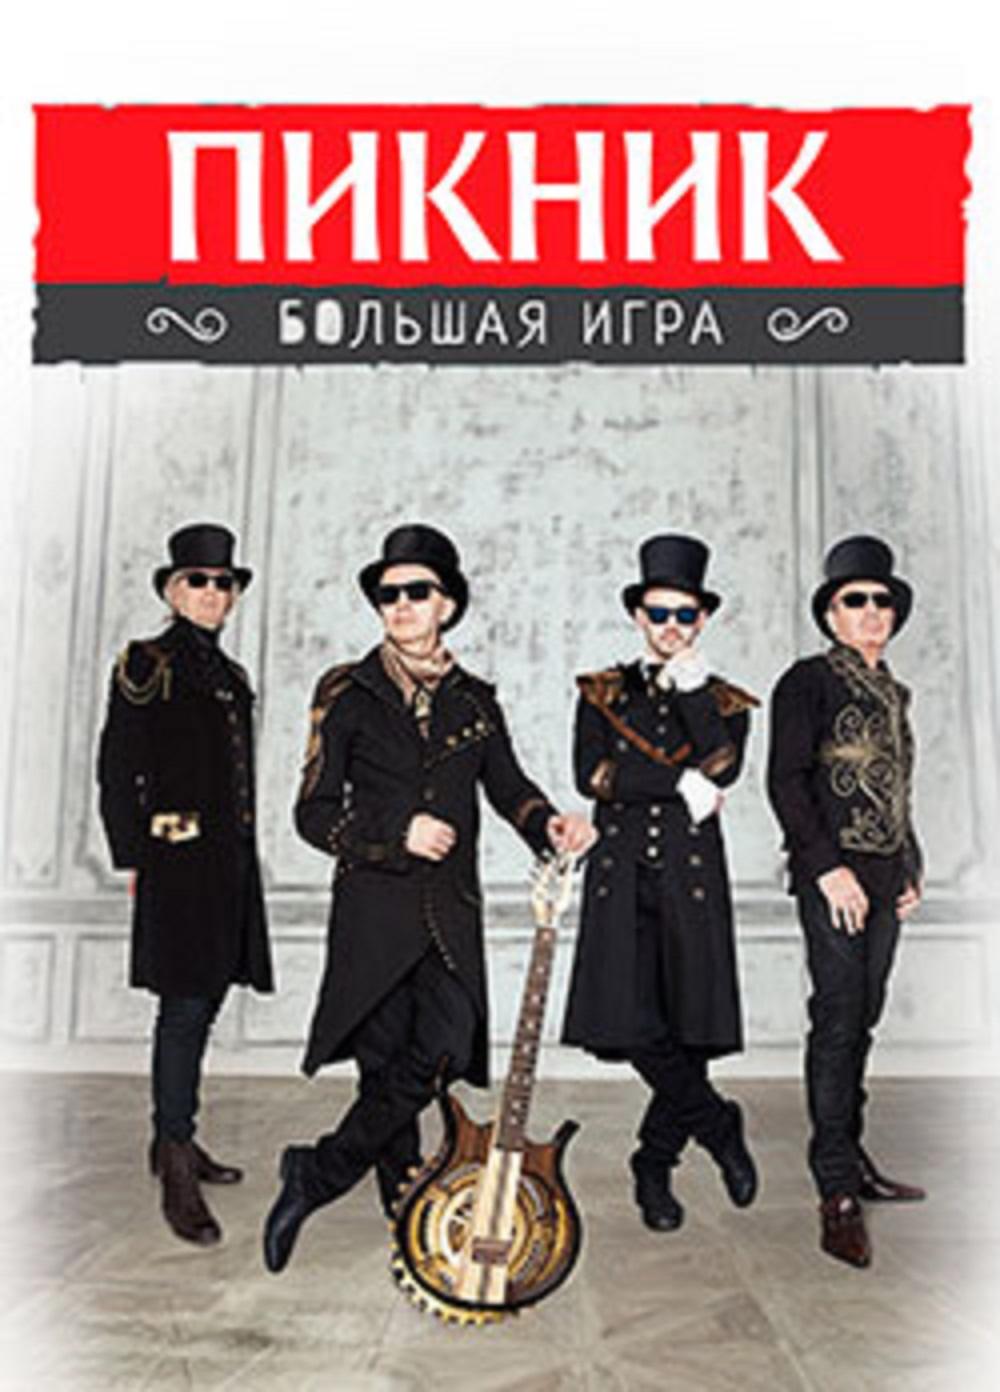 В Челябинске на сцене театра оперы и балета 8 февраля состоится концерт «Большая игра» легендарно